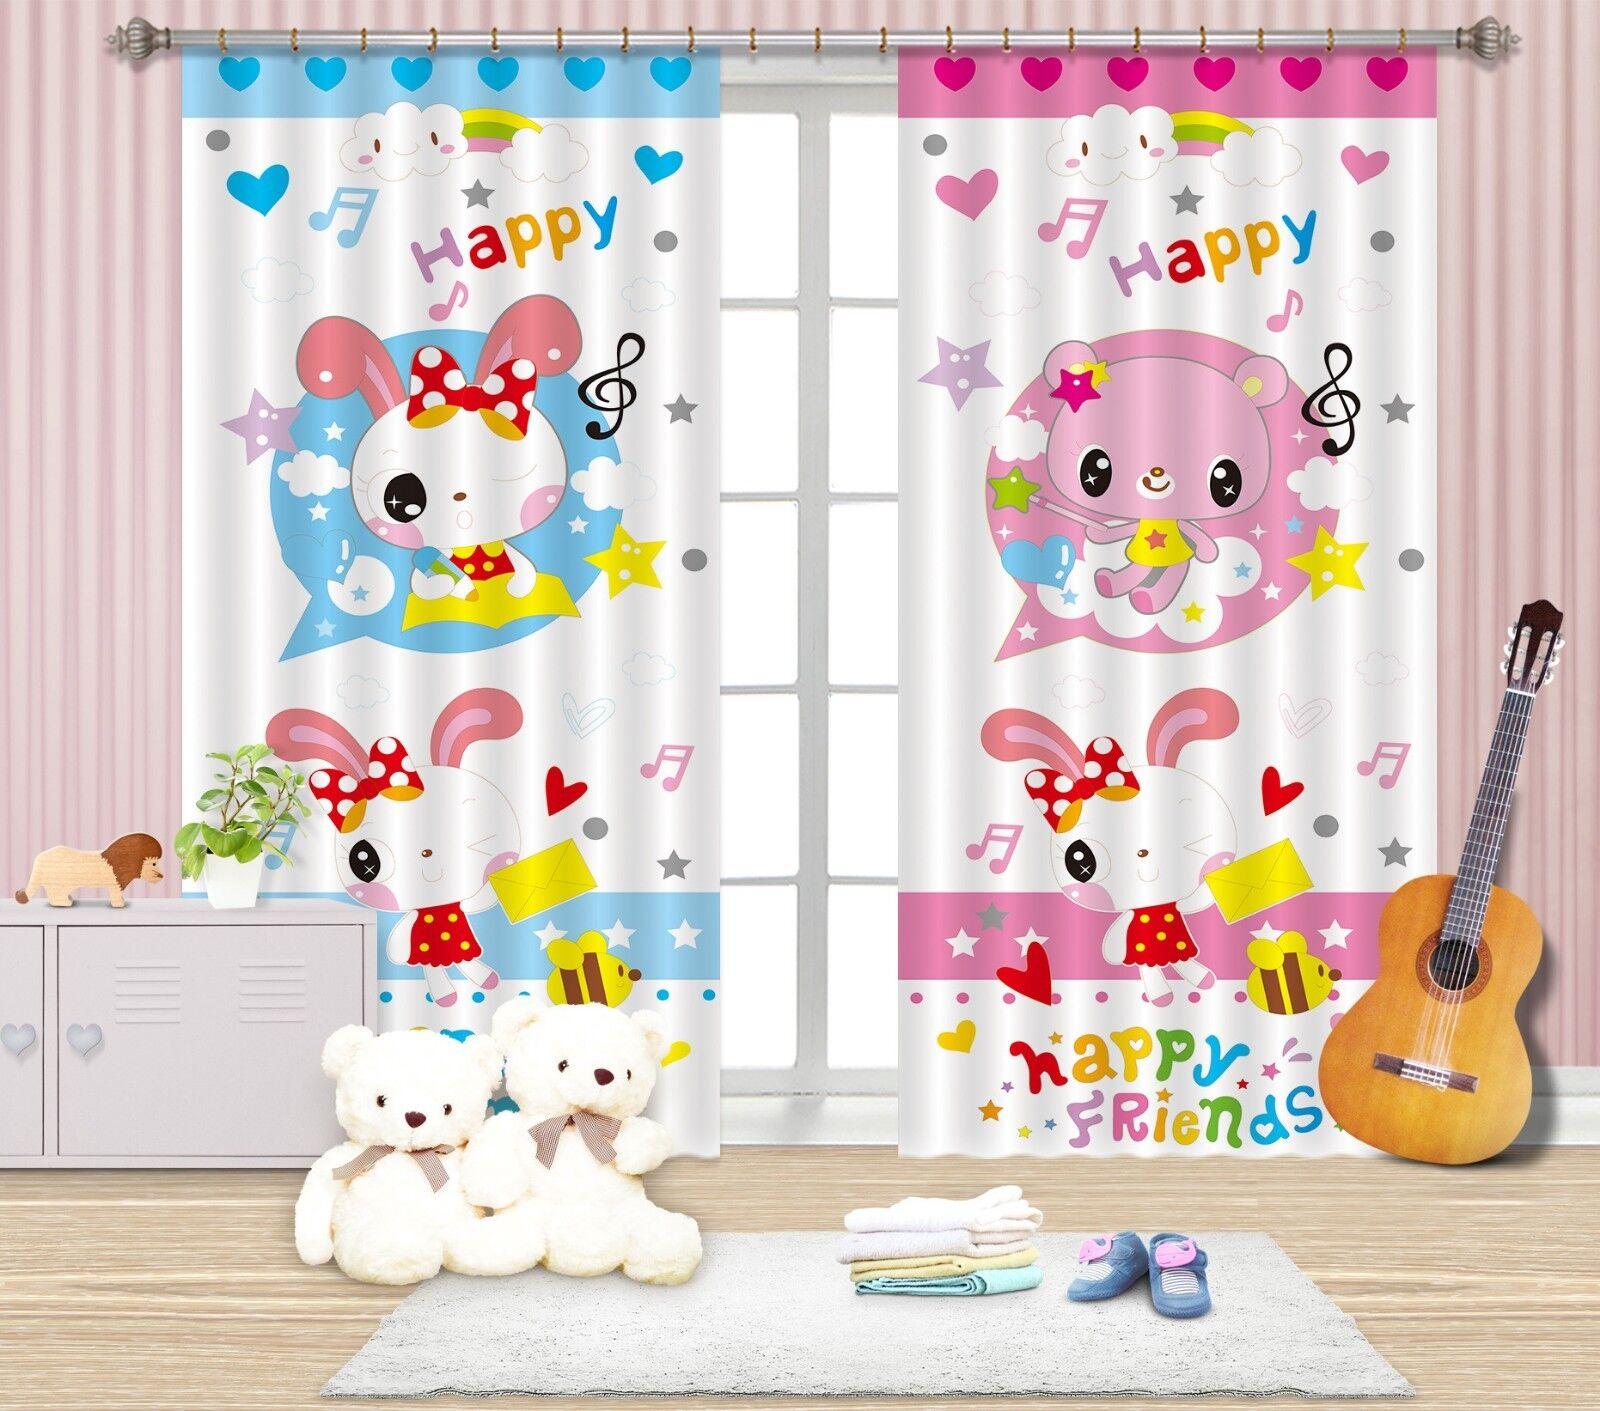 3d caricatura bloqueo 688 cortina de fotografía presión cortinas cortina de tela de ventana